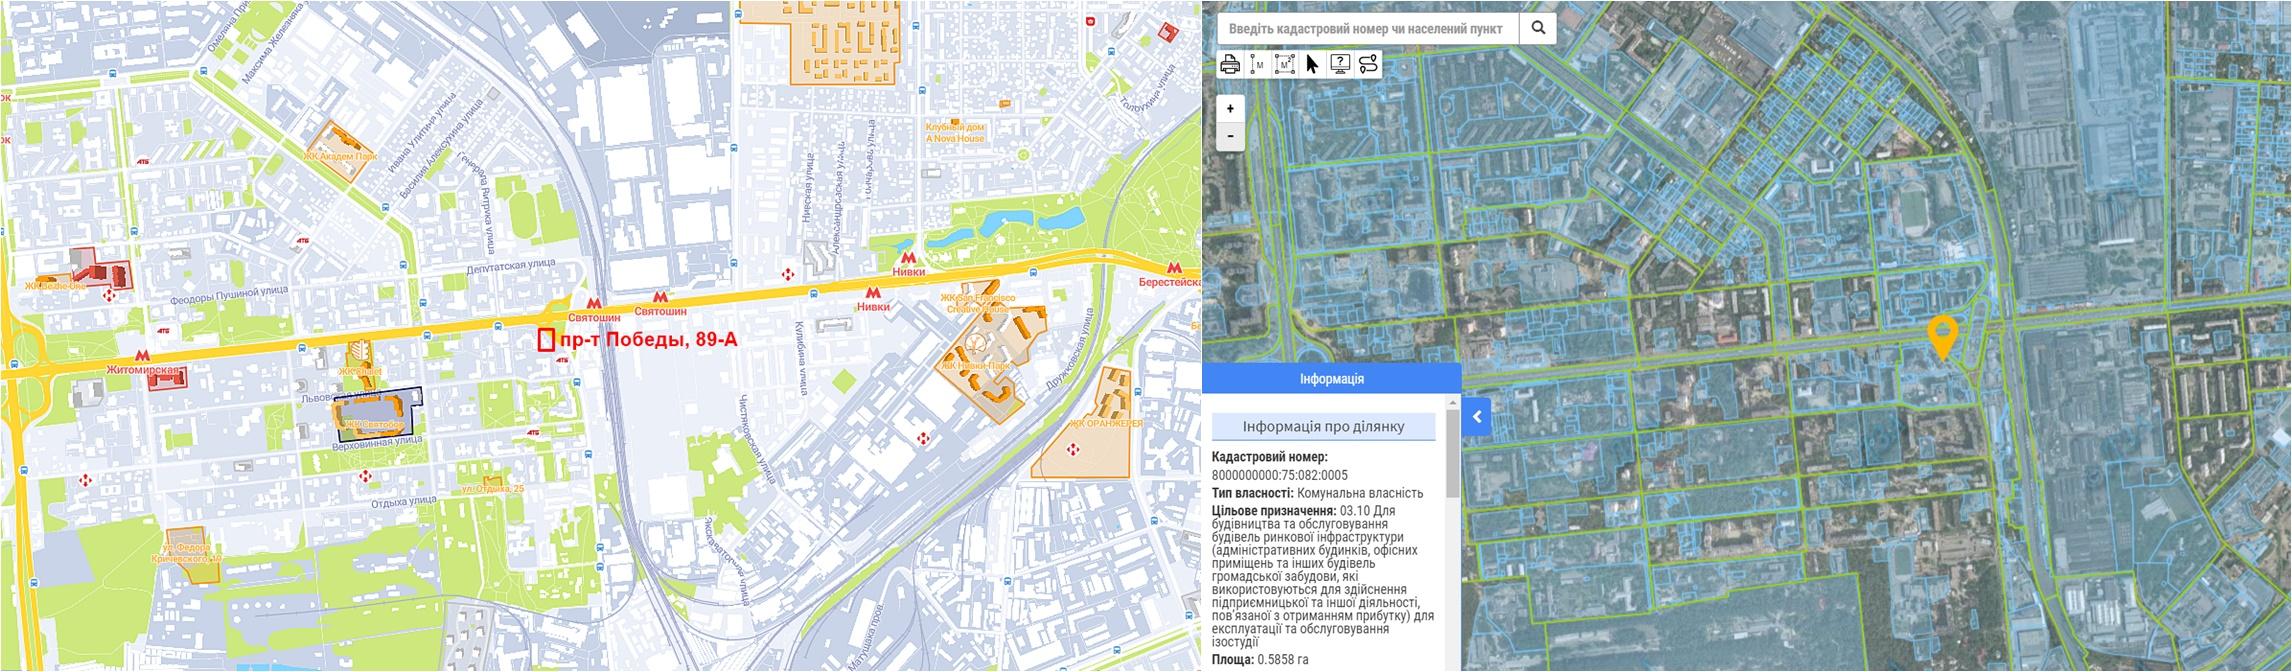 Проект реконструкции на проспекте Победы, 89-А данные кадастра и на карте